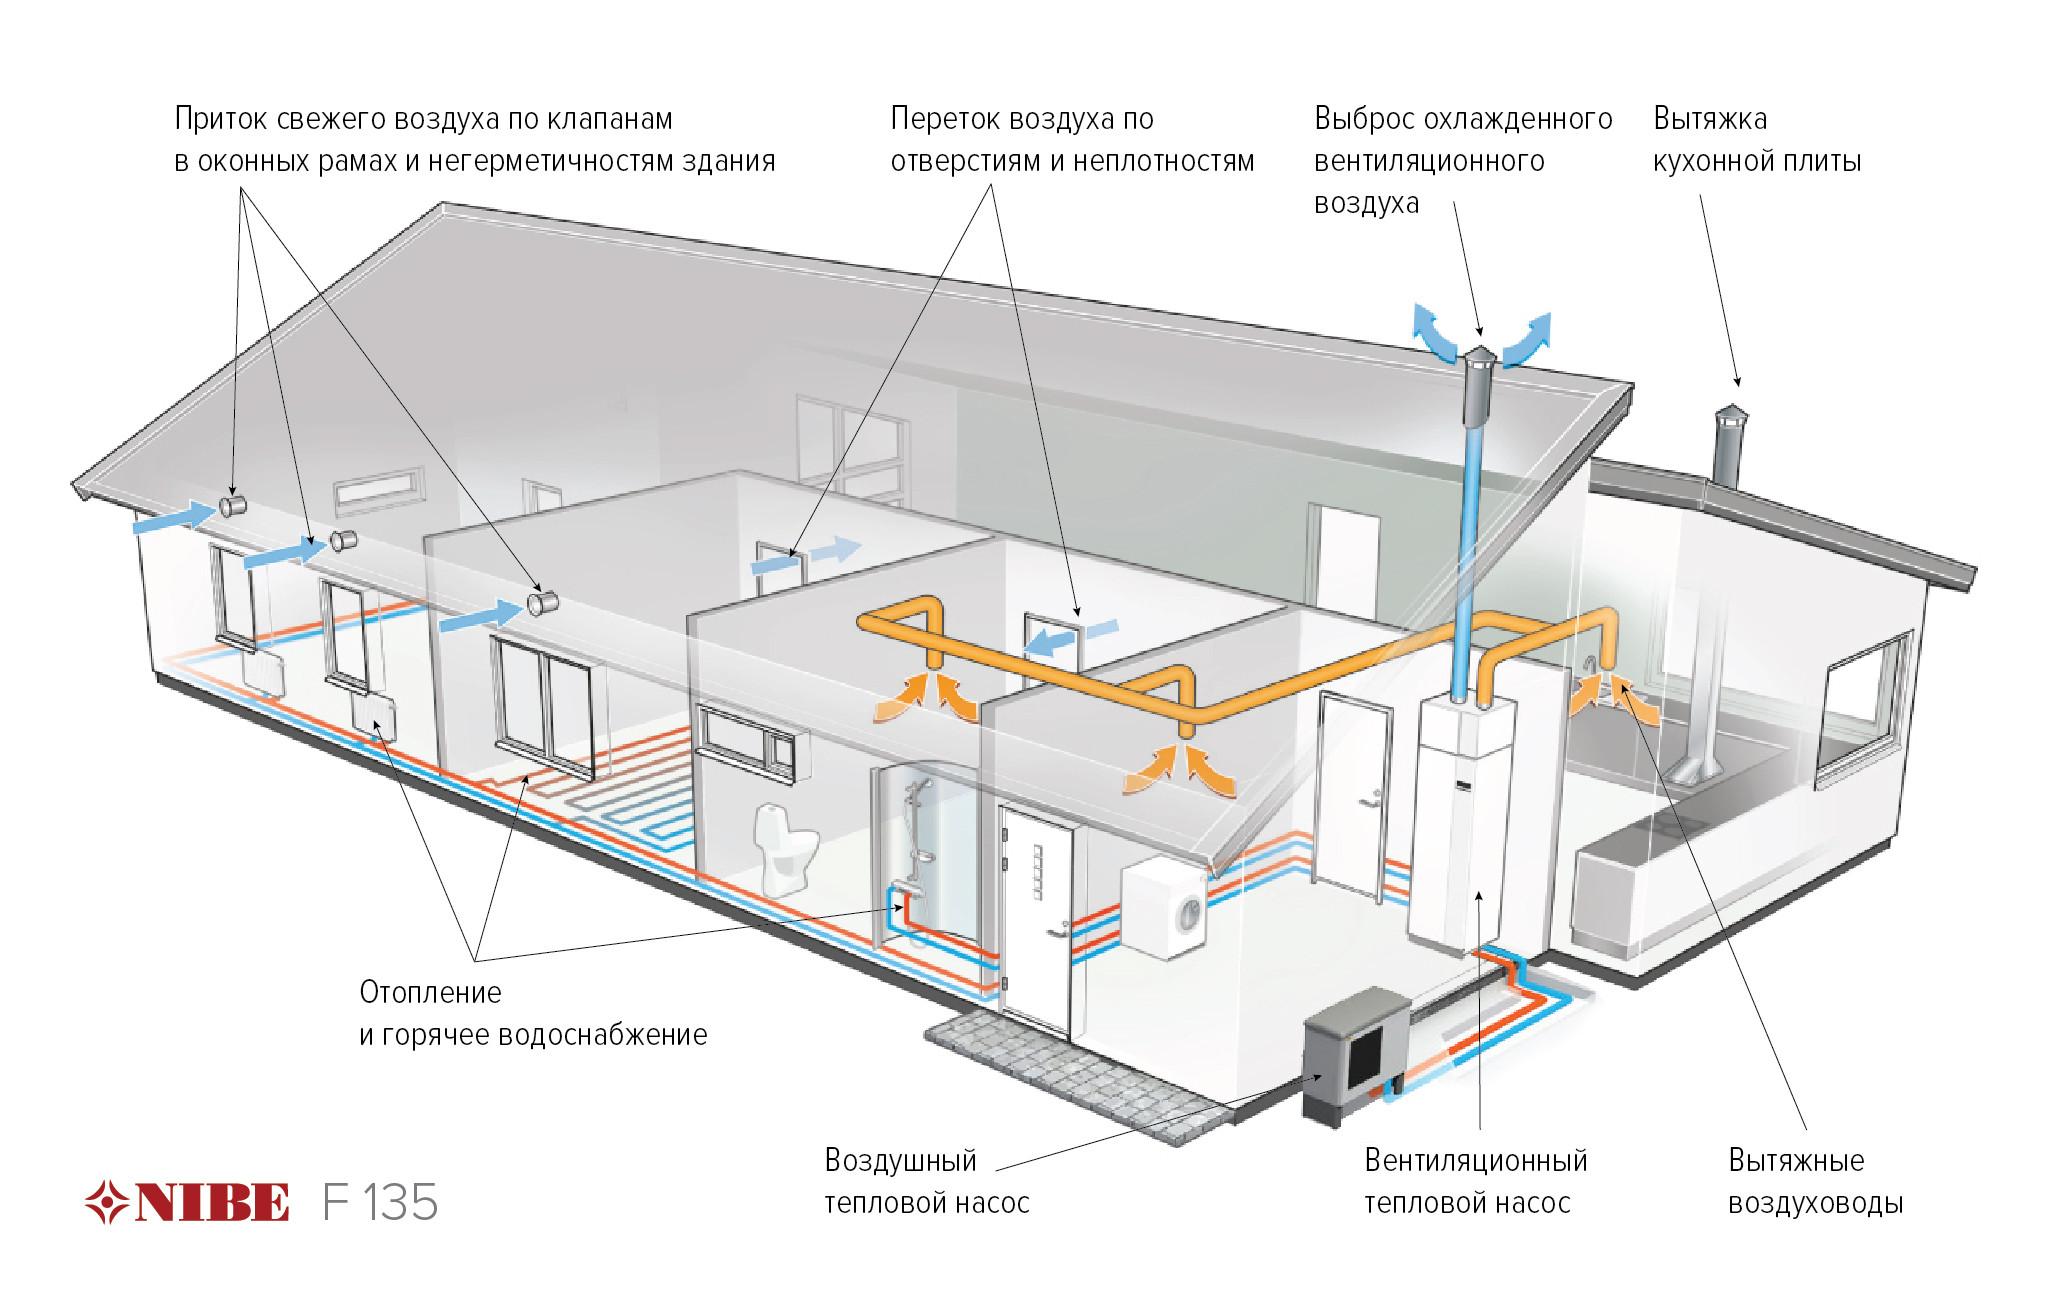 Схема роботи вентиляційного теплового насосу - рекуператора NIBE F135